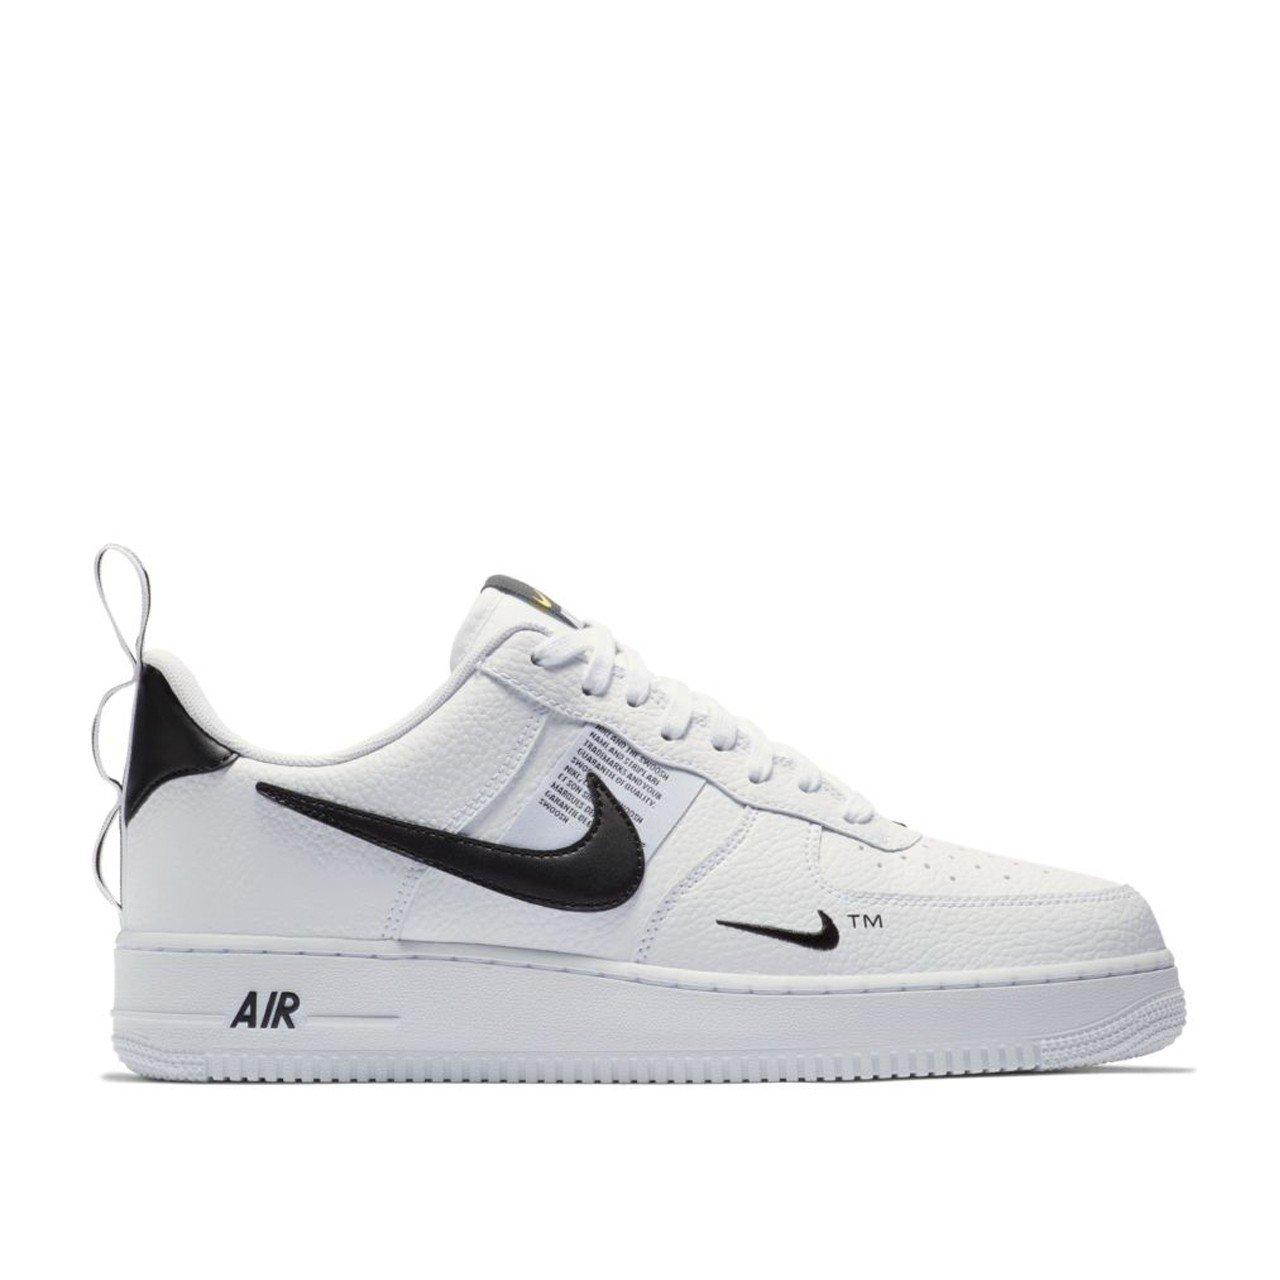 Billig kaufen Damen Schuhe Nike Air Force 1 '07 WeißOrange